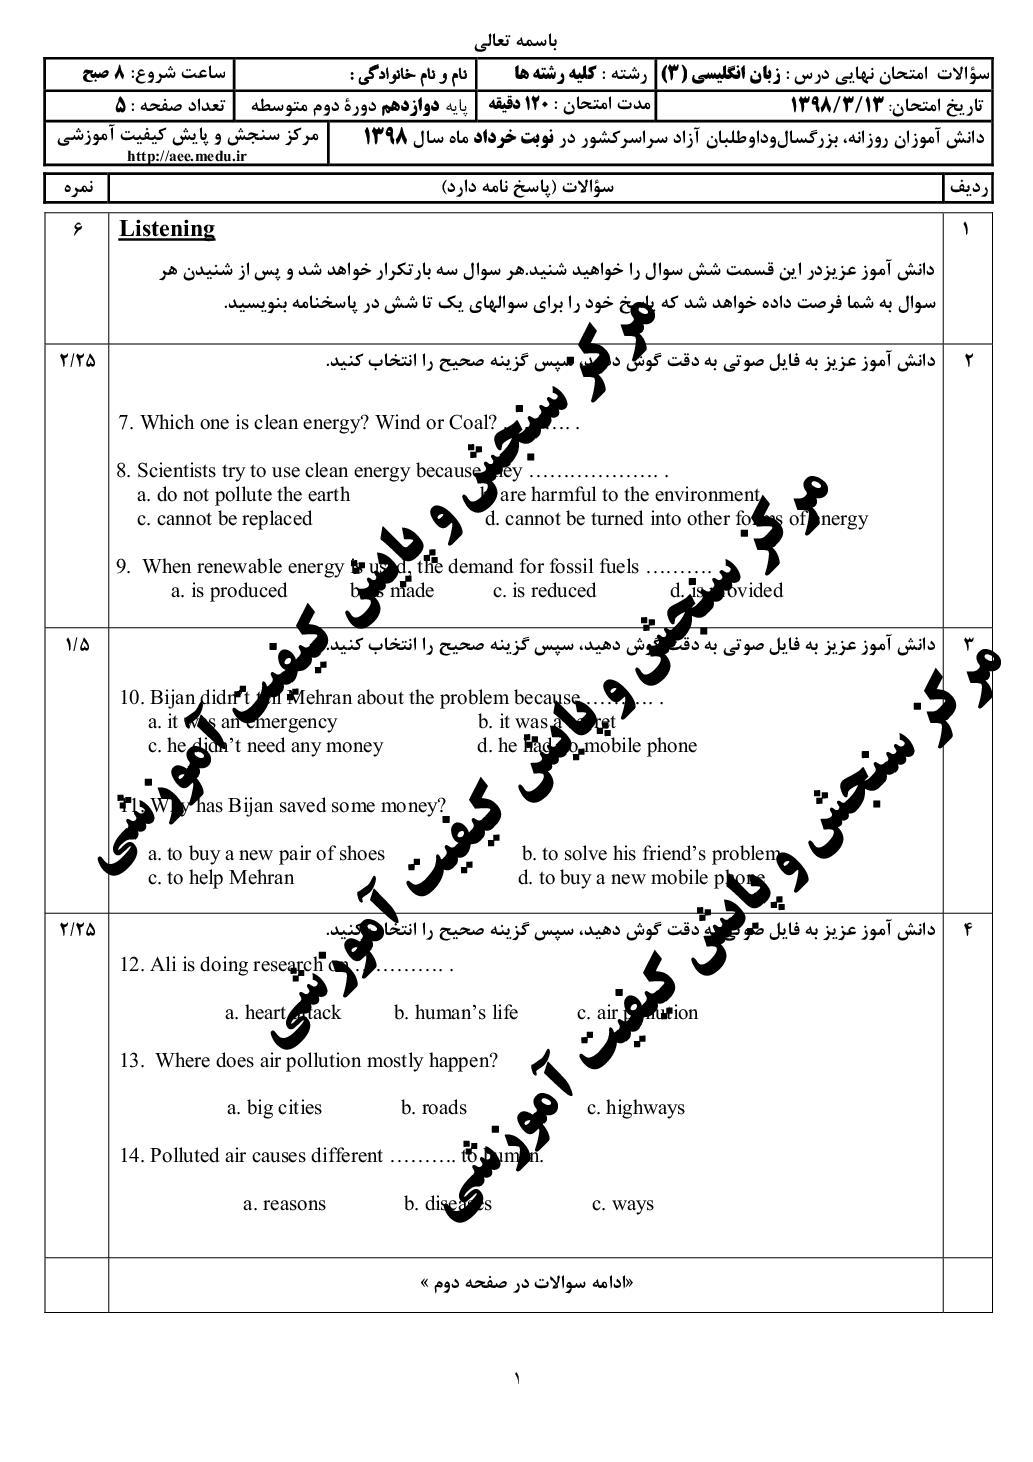 امتحان نهایی زبان انگلیسی - خرداد 98 (PDF)